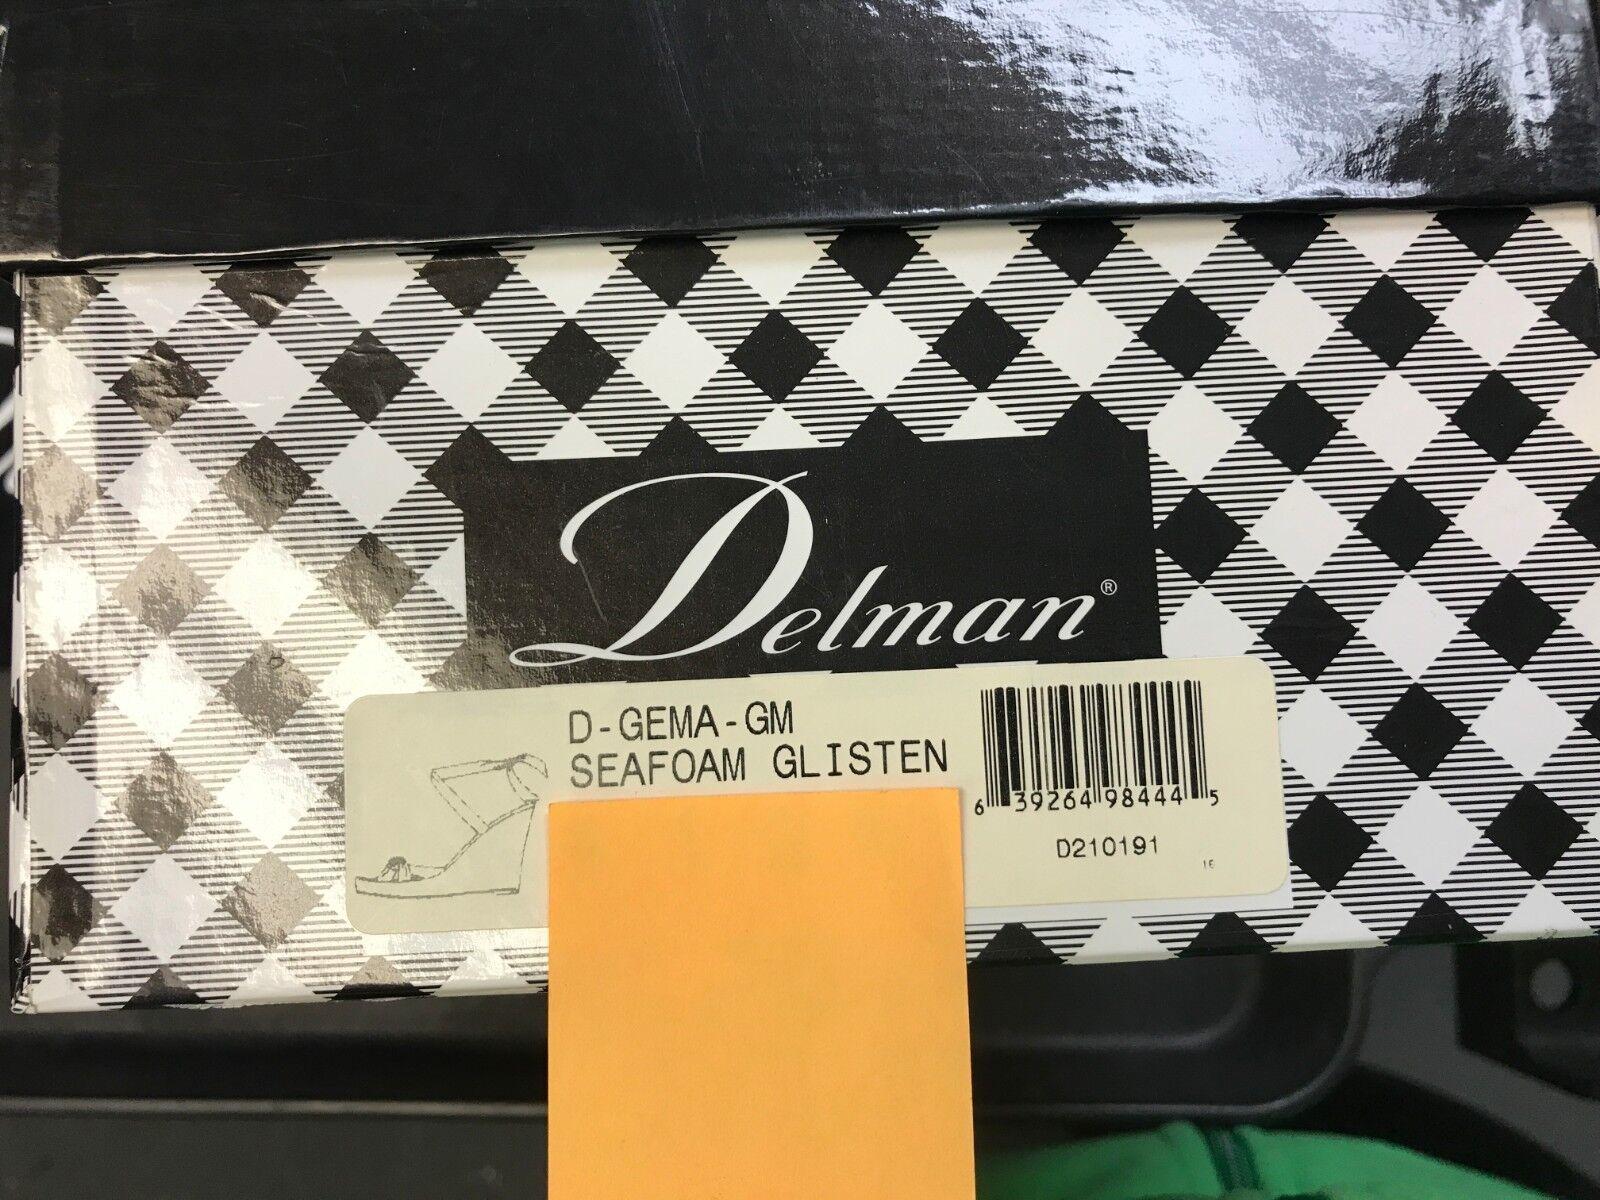 Delman Gema Cuña Seafoam Glisten Zapatos Cuero Tiras Wrap Wrap Wrap Tobillo Lazo Metálico 00d29c